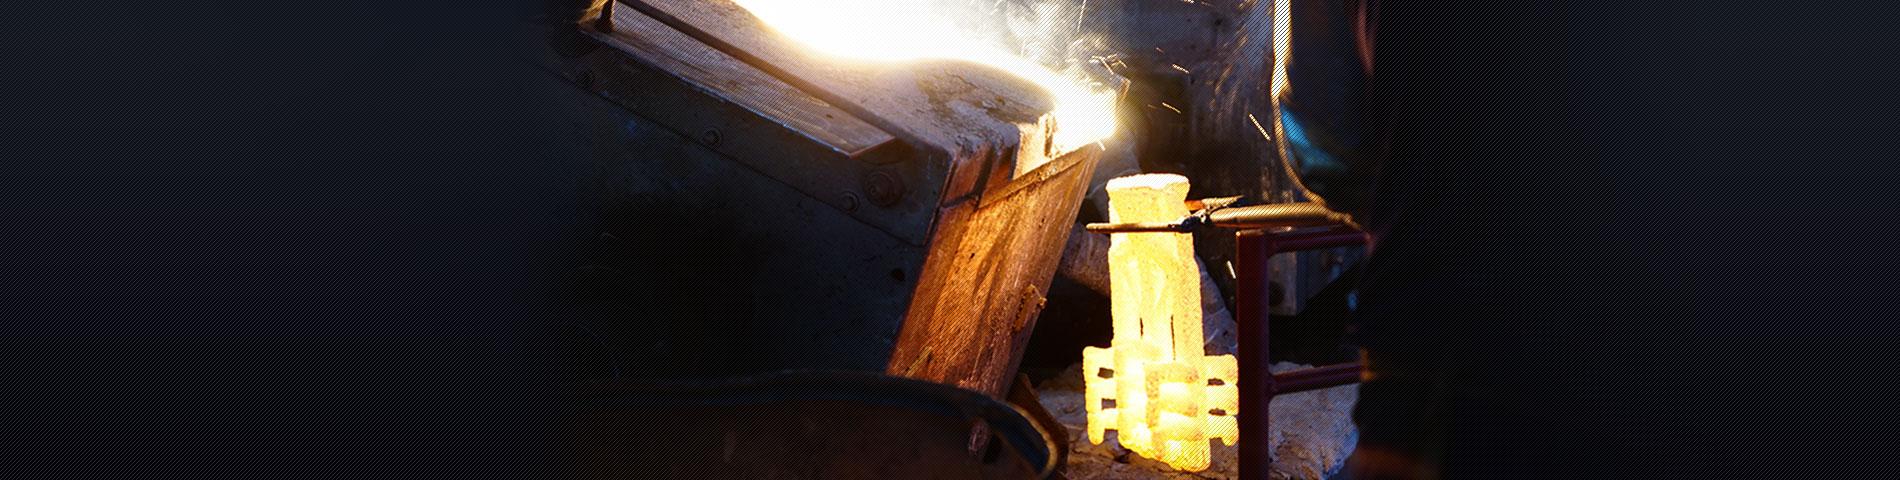 Rostfreier Stahl Herstellungsprozess Vorteil